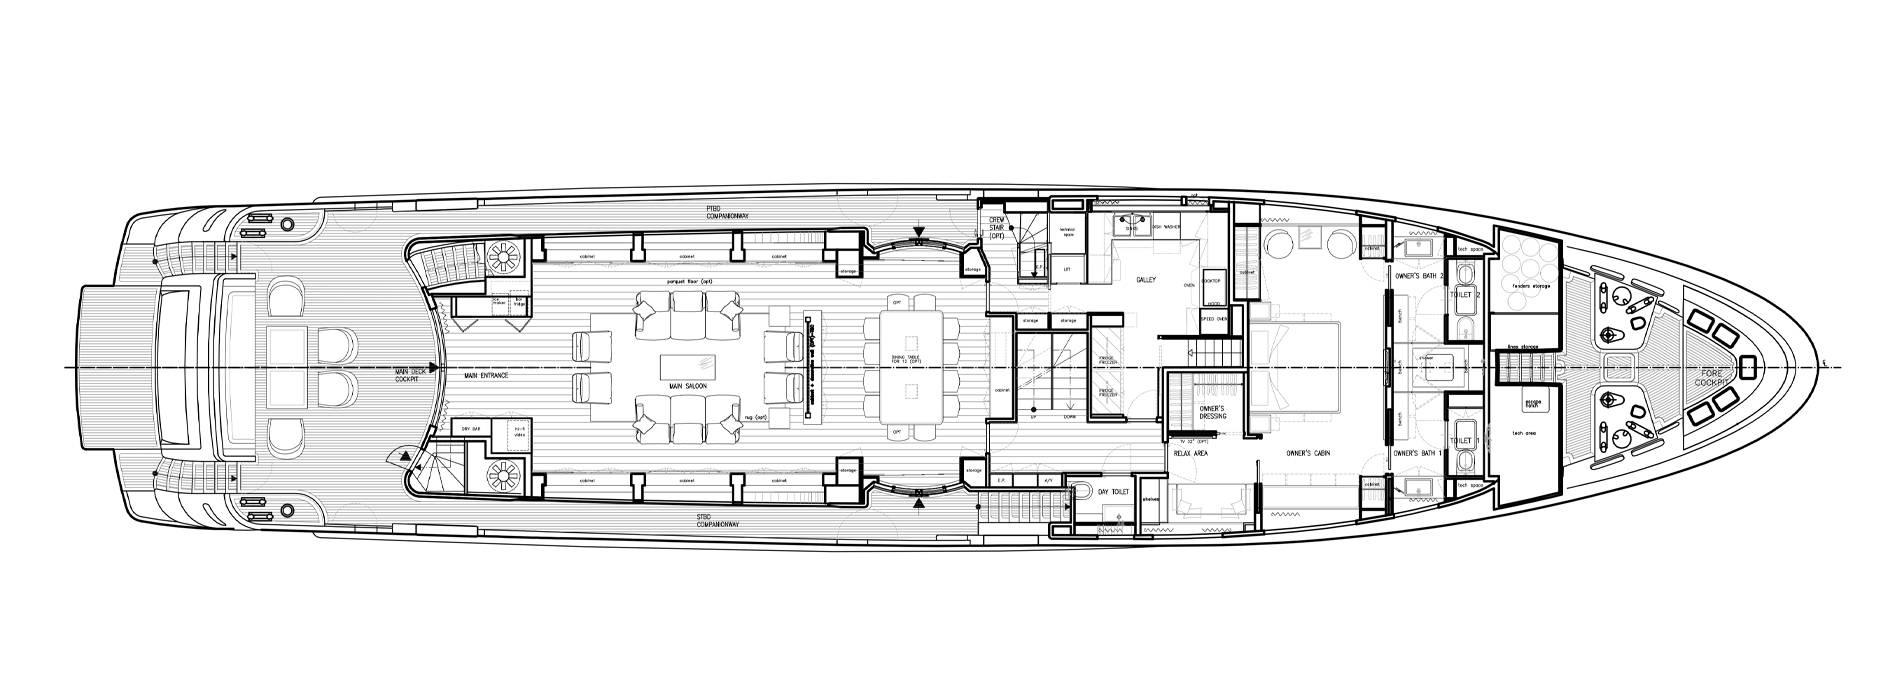 Sanlorenzo Yachts SD122-127 Main deck